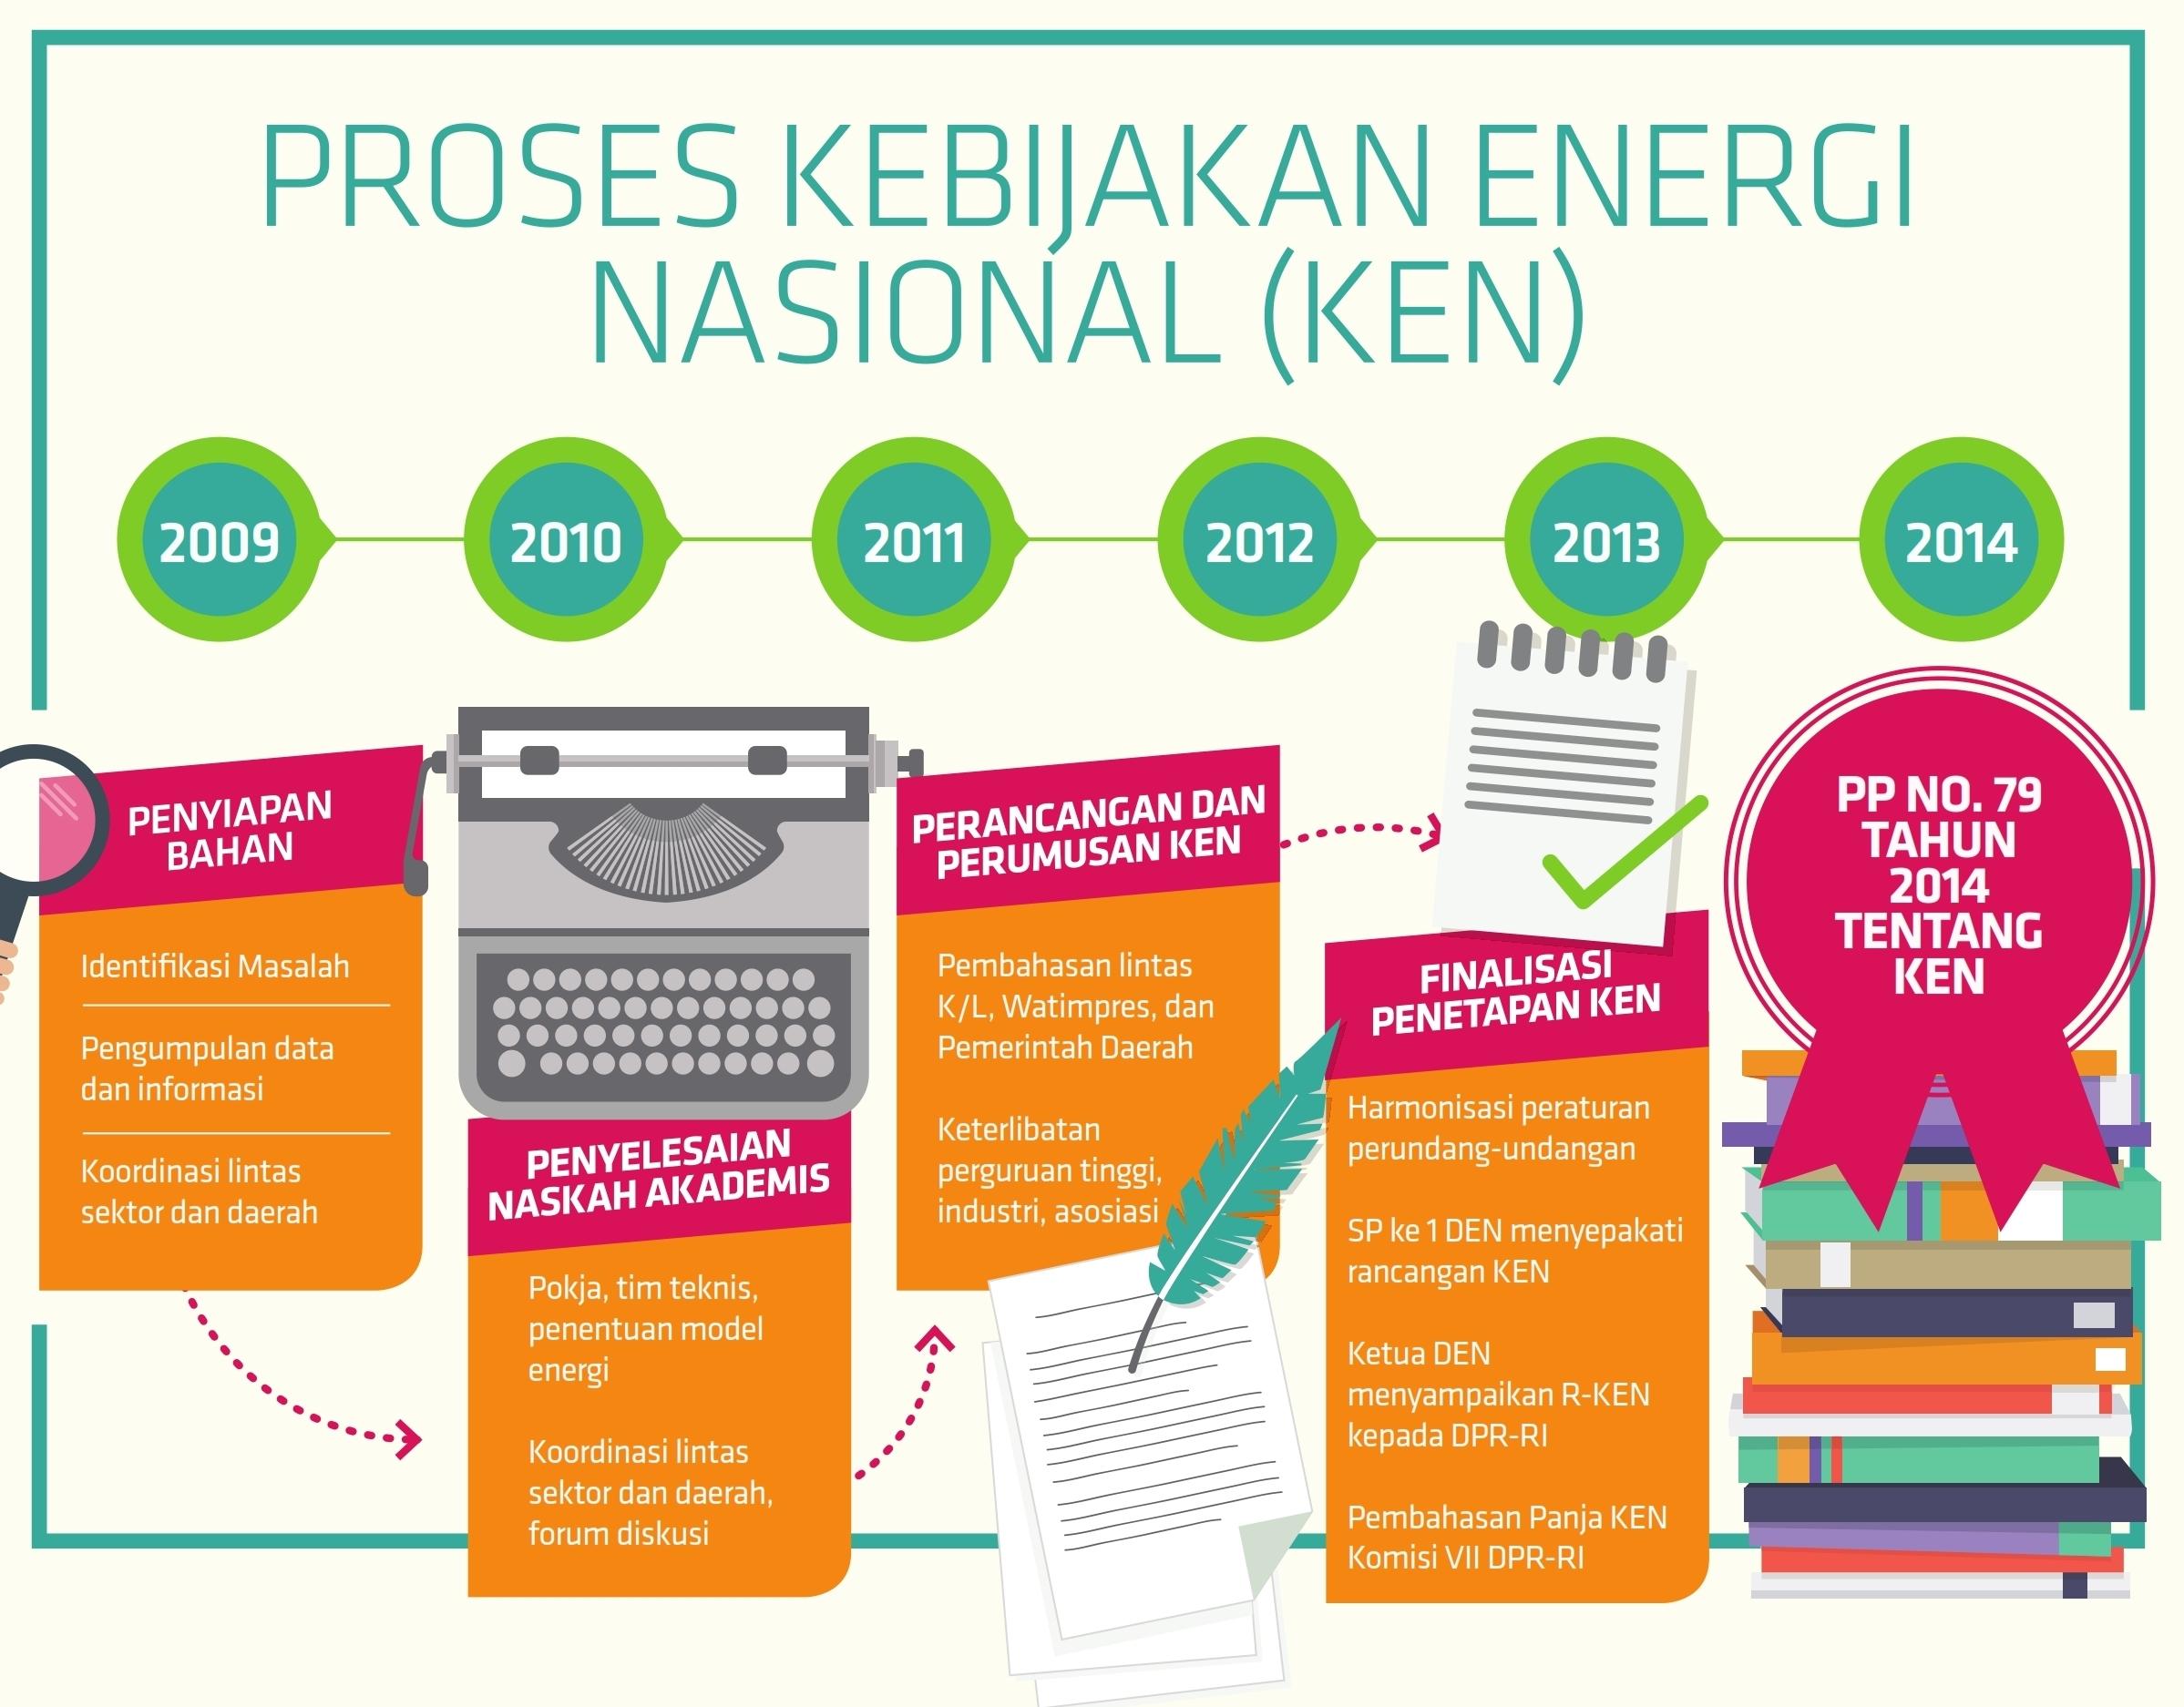 proses-kebijakan-energi-nasional-ken